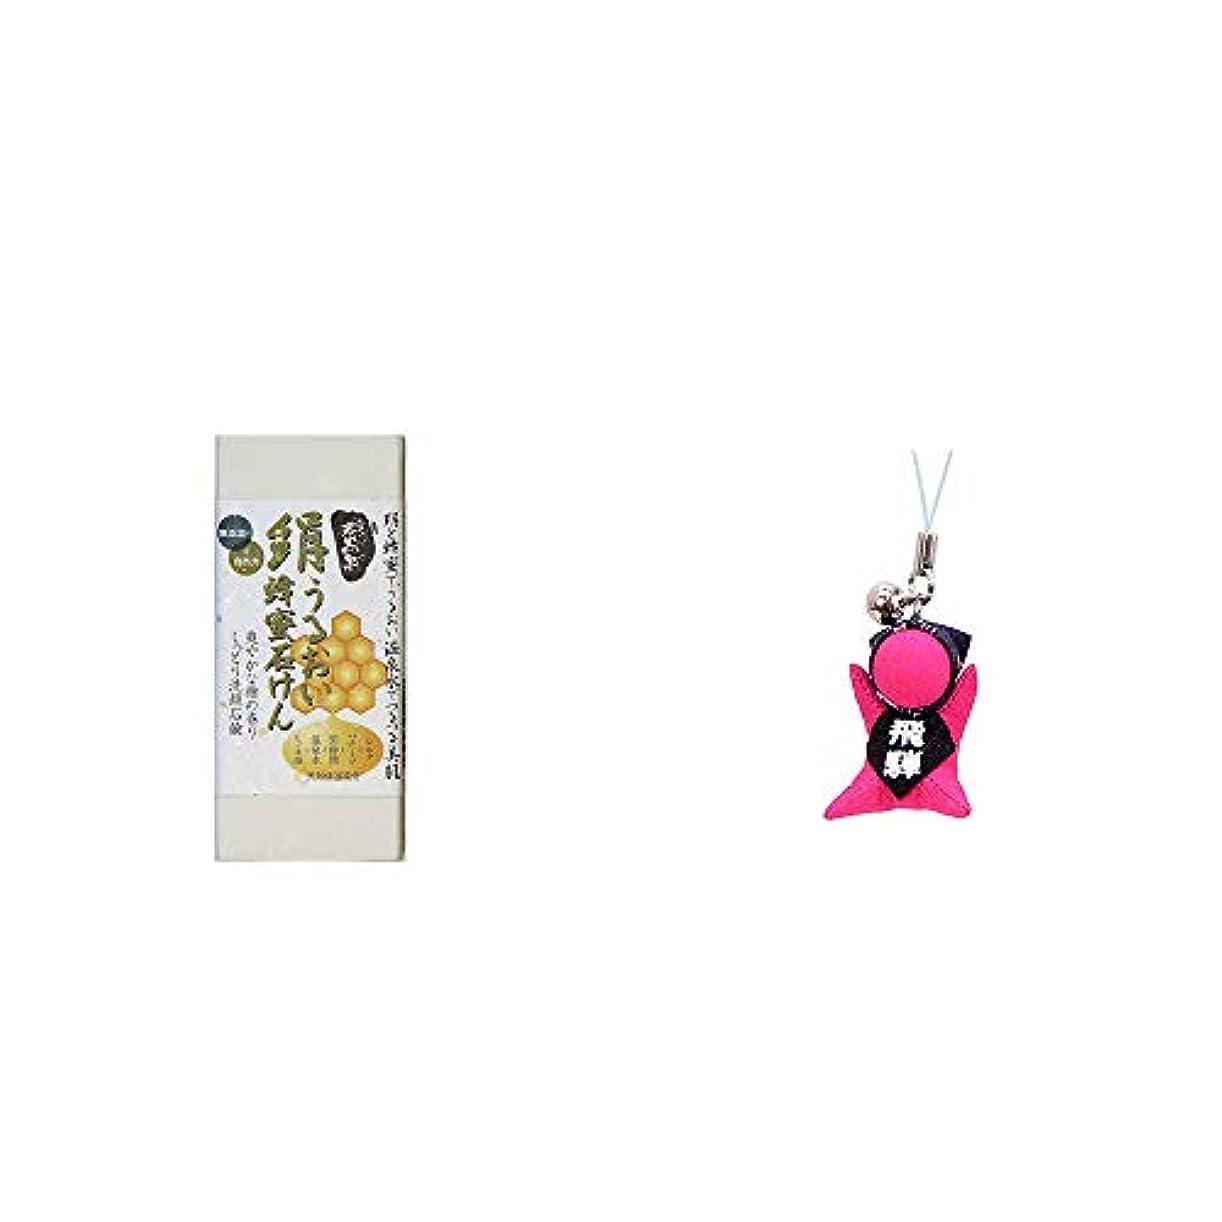 個性キルトコークス[2点セット] ひのき炭黒泉 絹うるおい蜂蜜石けん(75g×2)?さるぼぼ幸福ストラップ 【ピンク】 / 風水カラー全9種類 縁結び?恋愛(出会い) お守り//